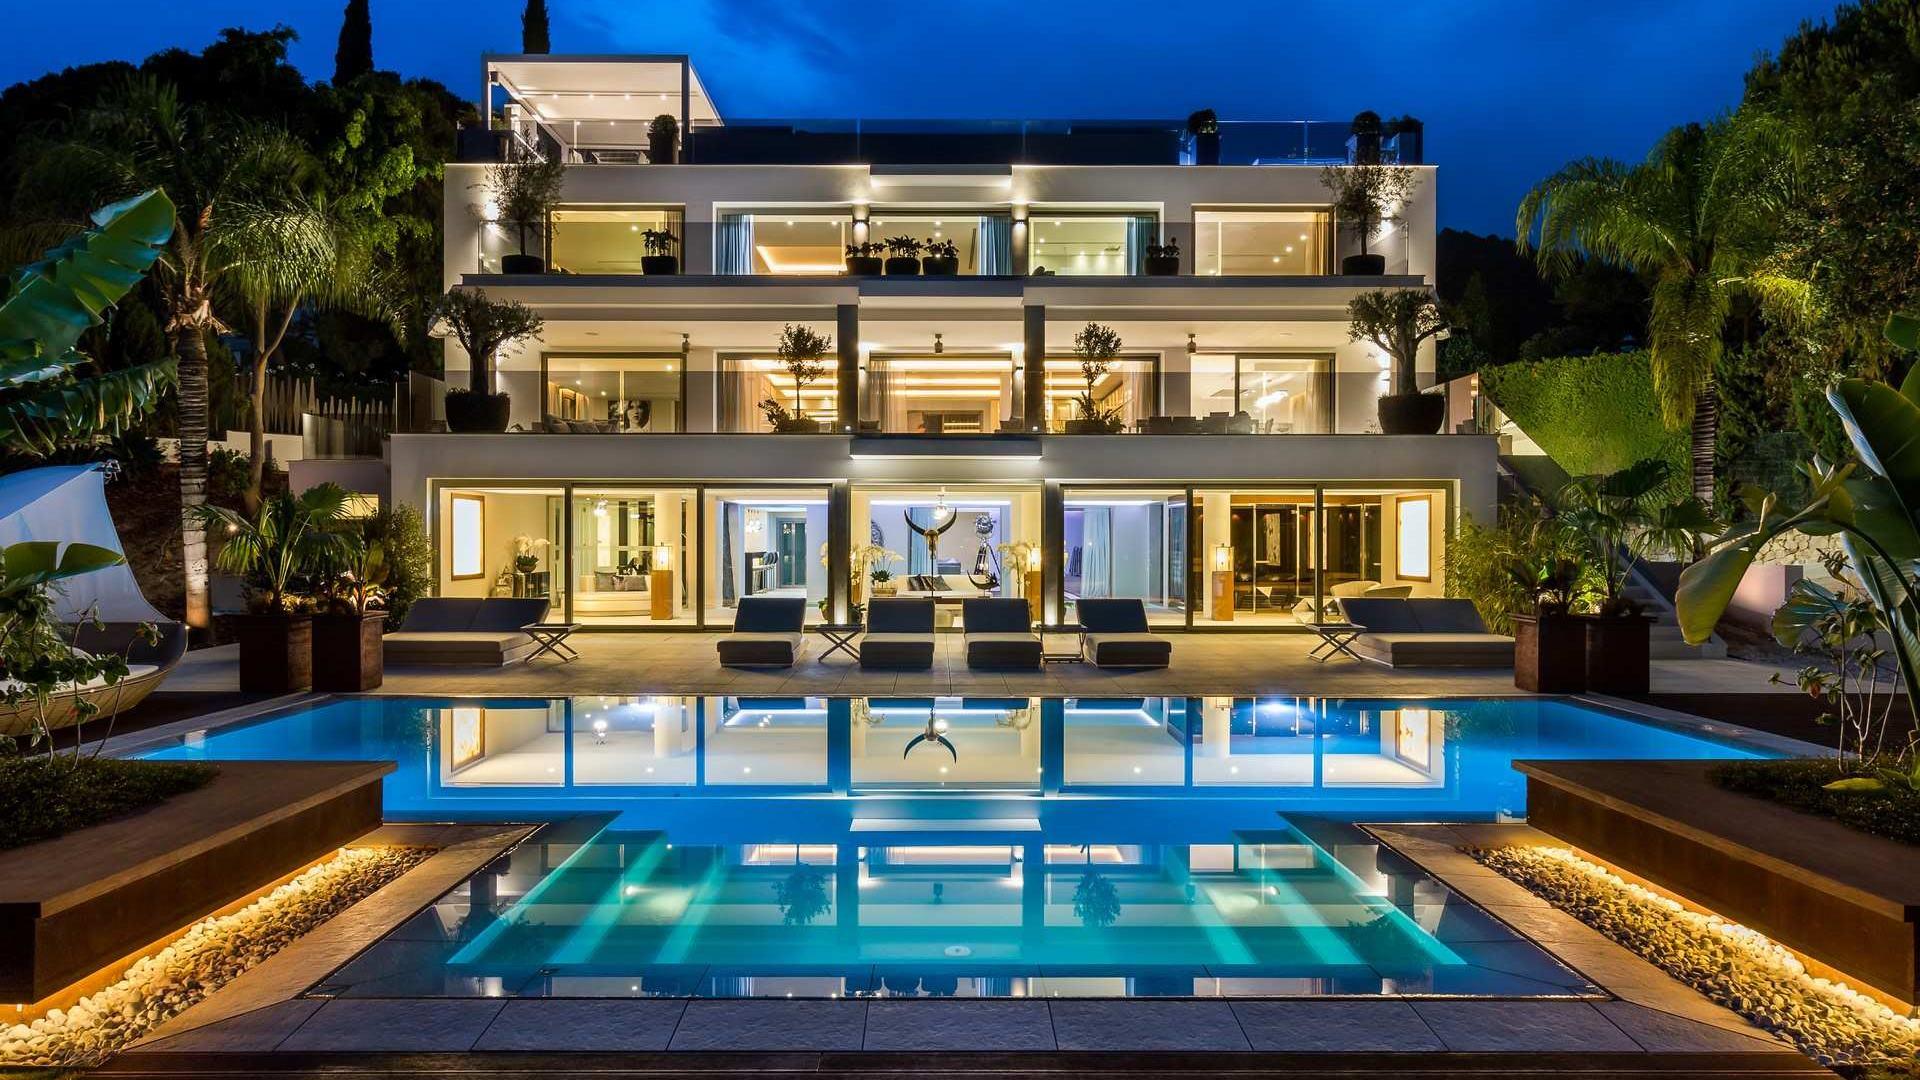 Marbella contemporary villa serenity - Ambience home design marbella ...